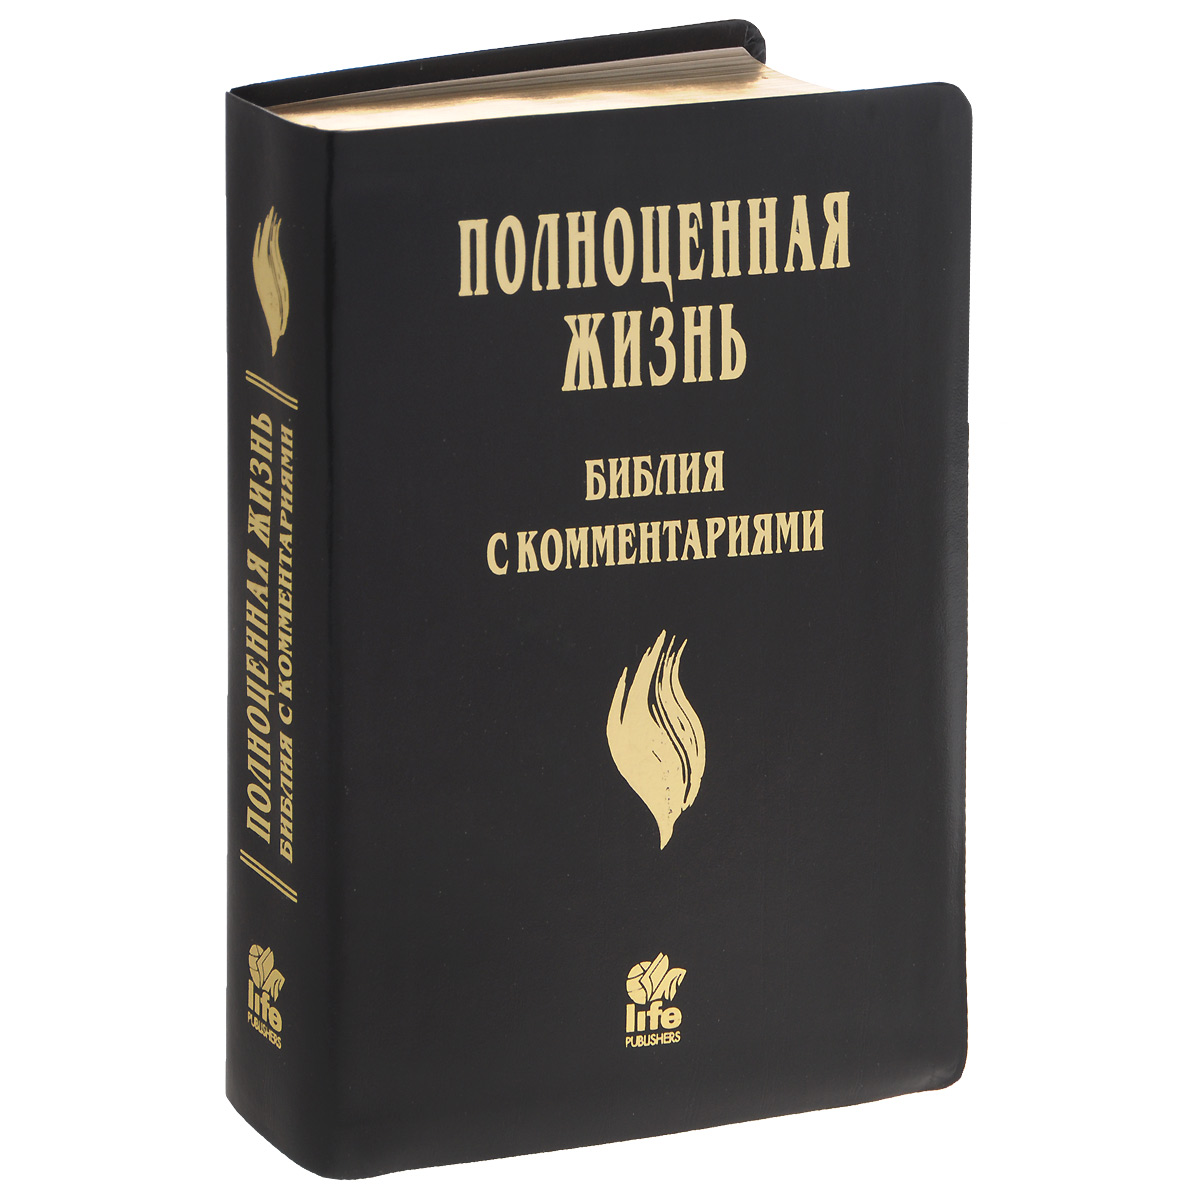 Полноценная жизнь. Библия с комментариями (подарочное издание)